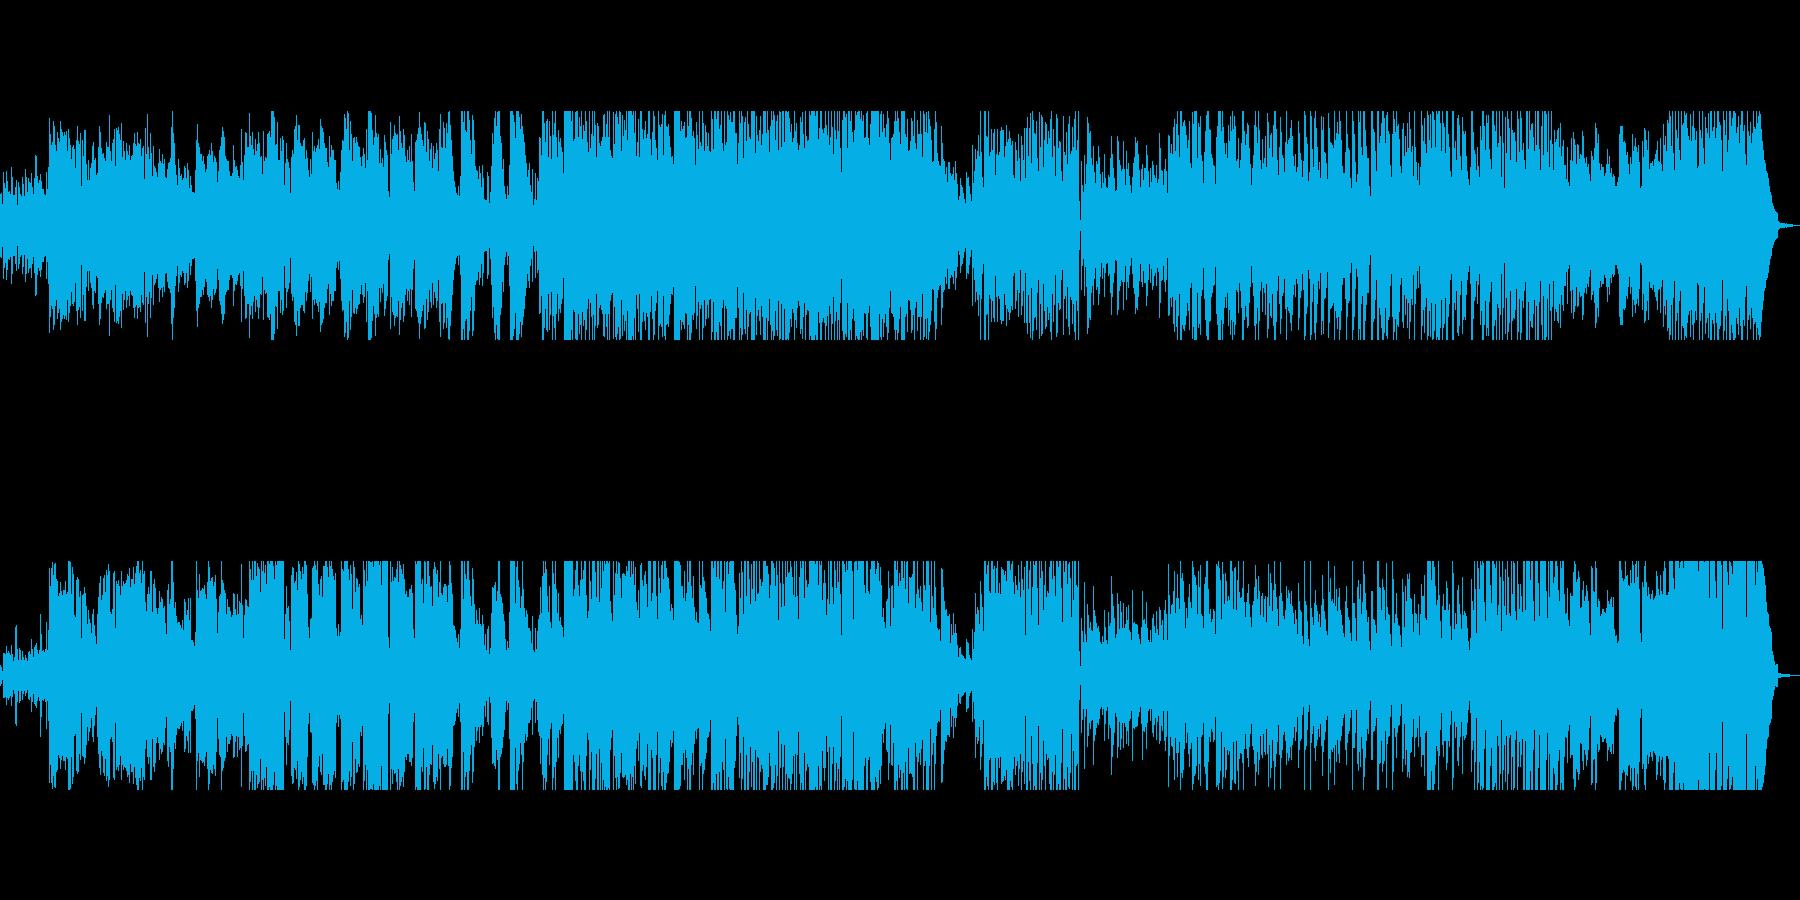 ★シトシト降る雨の滴をイメージしたBGMの再生済みの波形